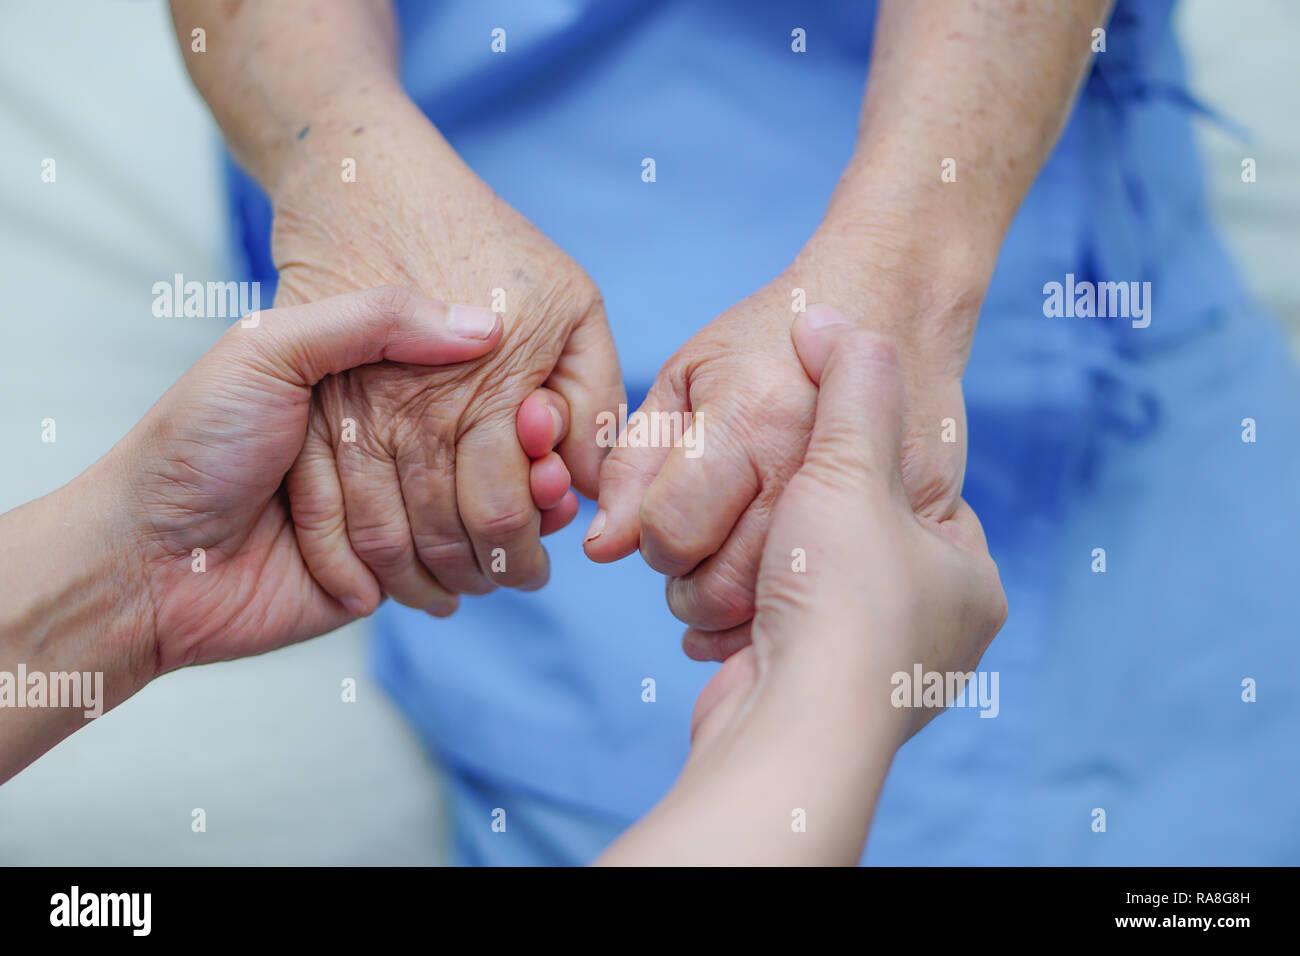 Holding touchant les personnes âgées ou vieille femme malade d'amour, de soins, d'aider, d'encourager et de l'empathie à l'hôpital de soins infirmiers. Photo Stock